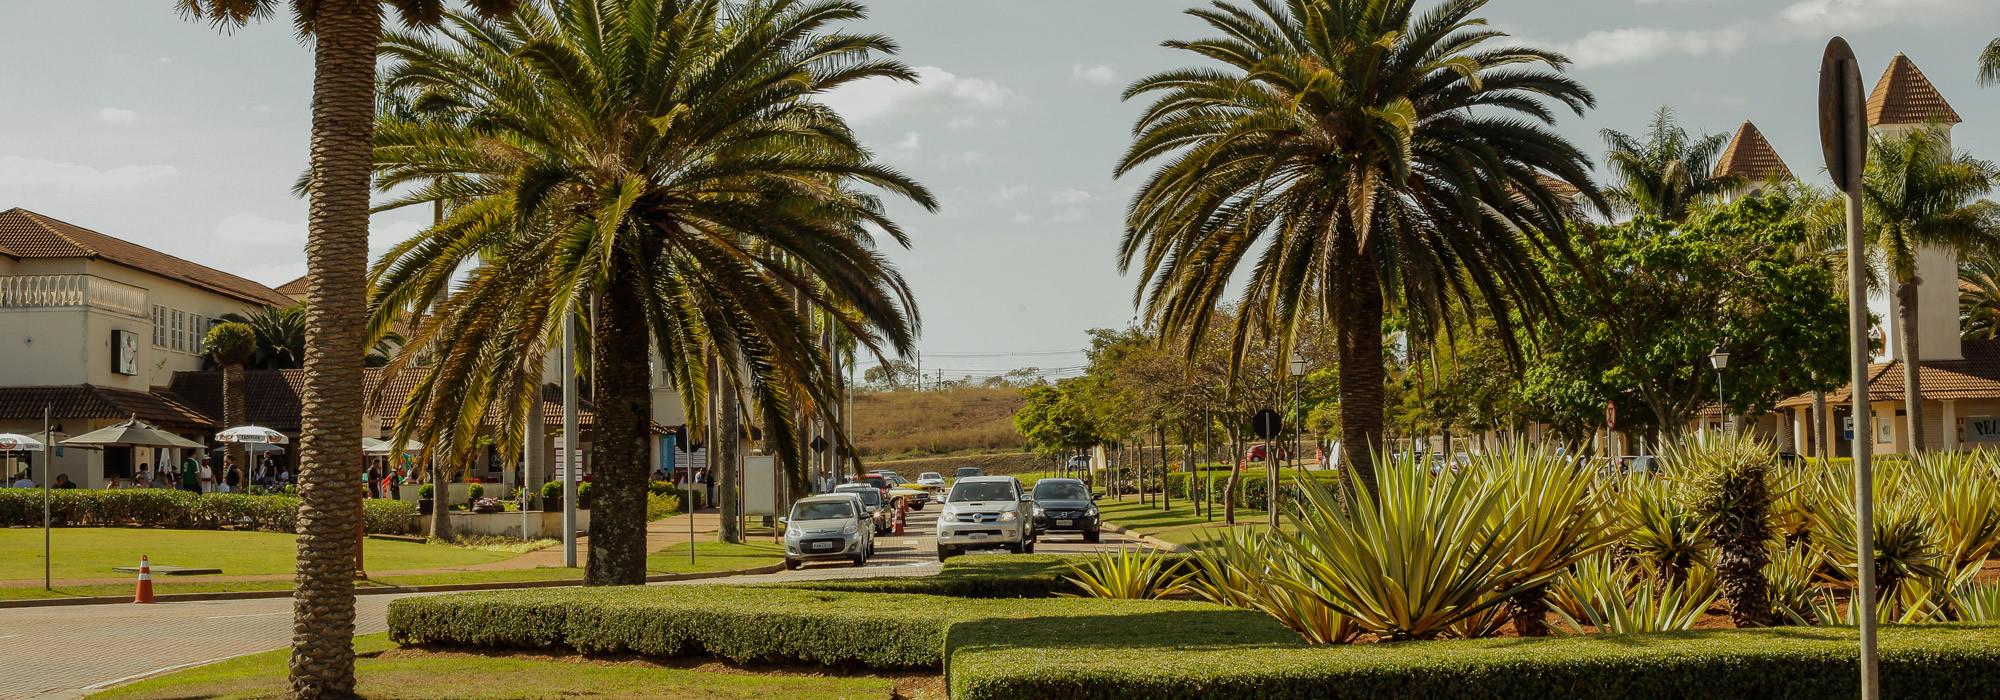 Alphaville Lagoa dos Ingleses: morar, trabalhar e se divertir, tudo em um só lugar